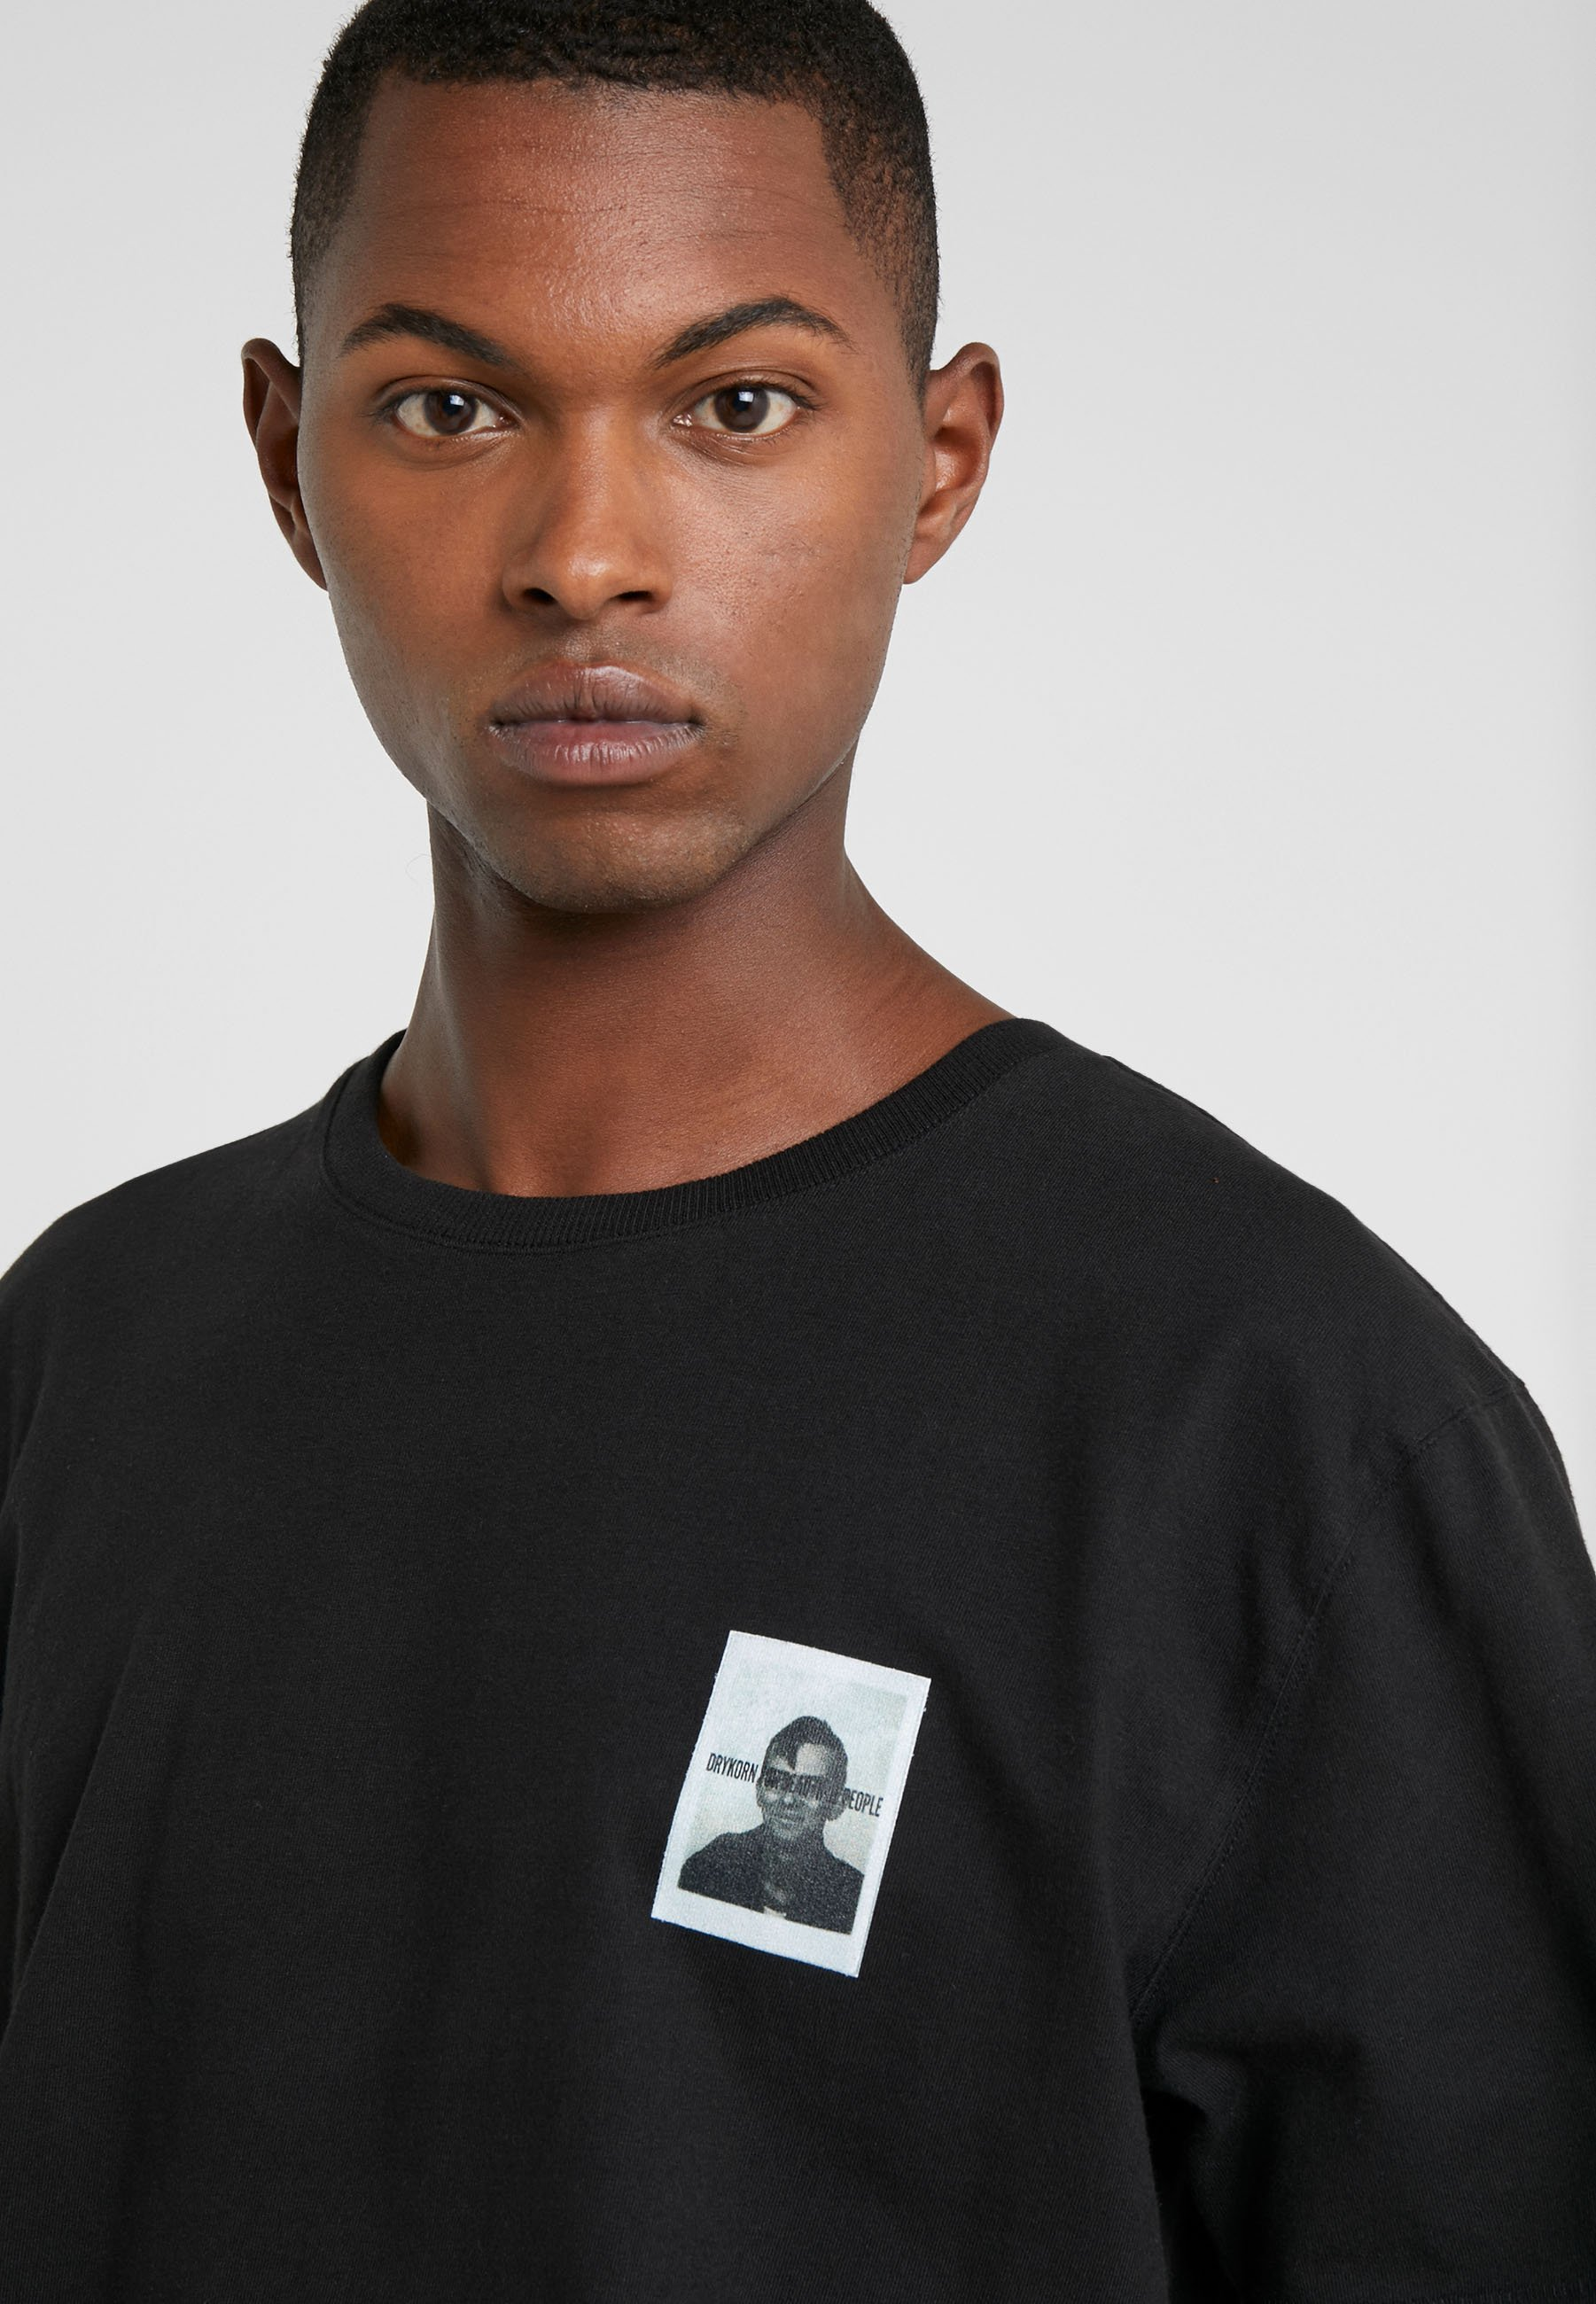 Tania cena Gorąca wyprzedaż DRYKORN SAMUEL BERLIN - T-shirt z nadrukiem - black | Odzież męska 2020 tOvGD